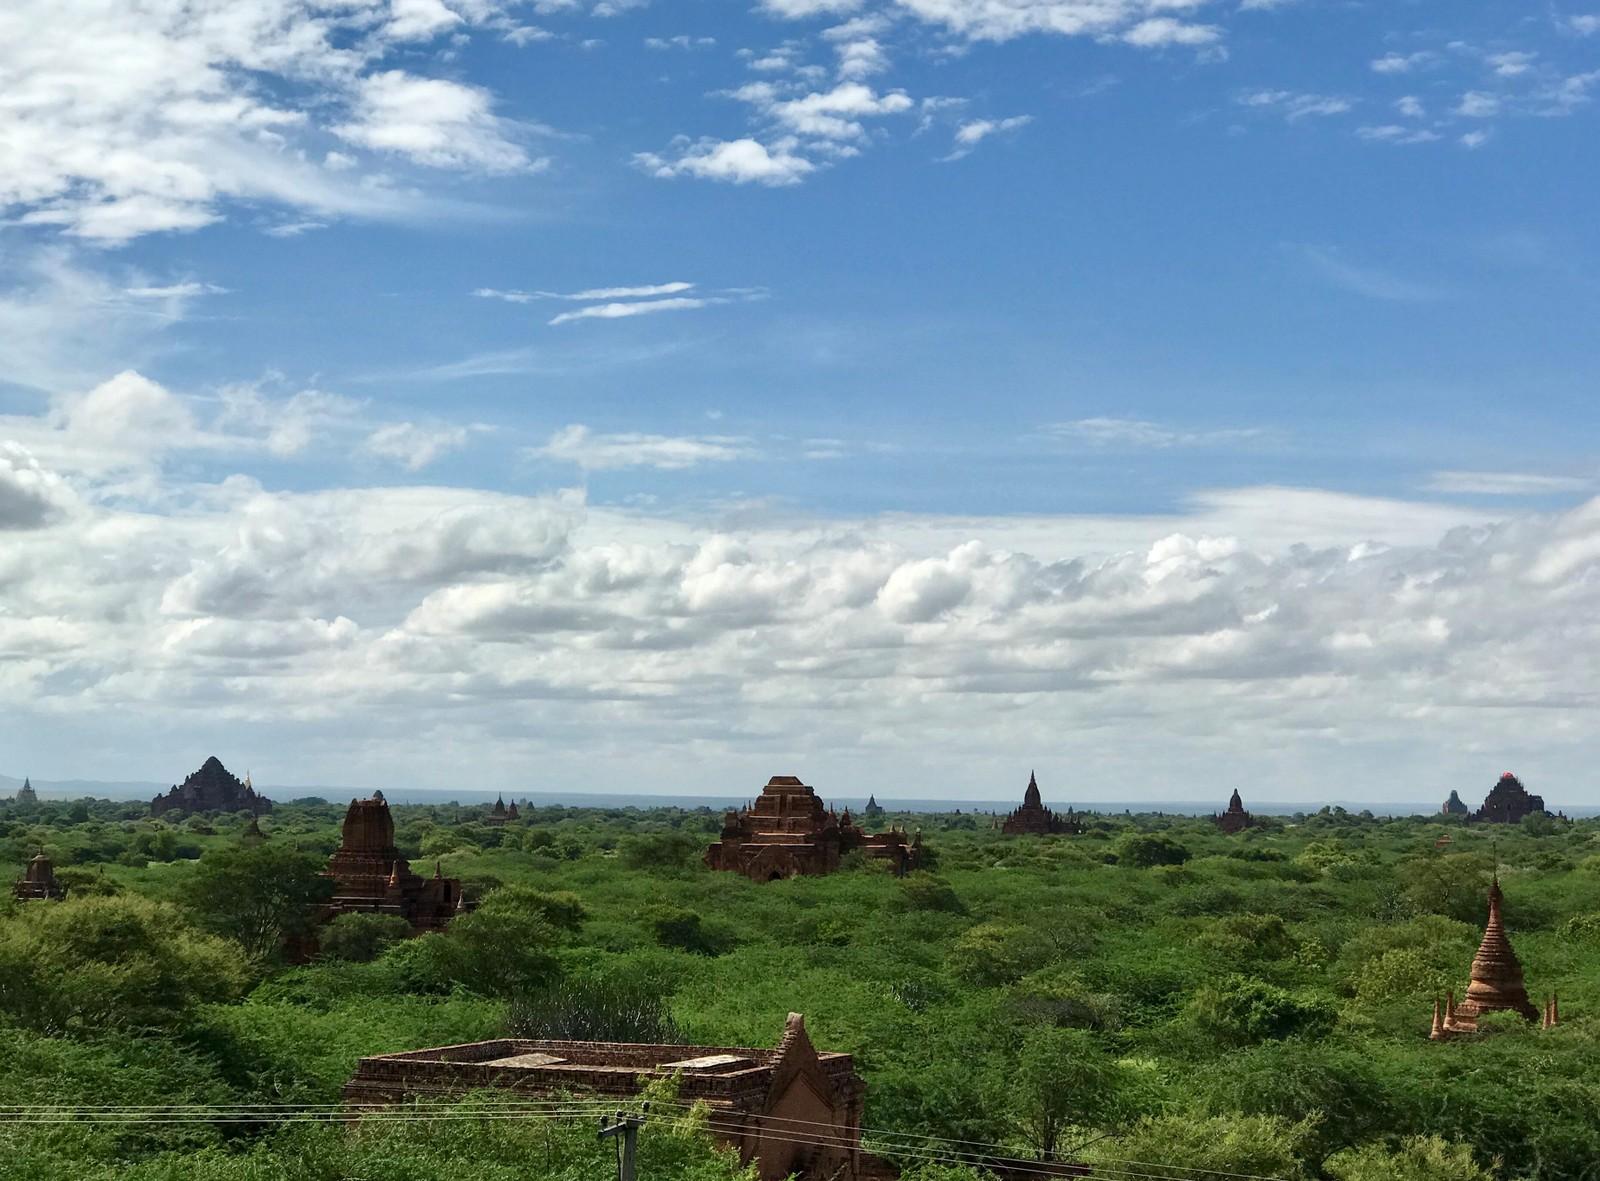 TUI, Berlin, Reisebuero, Asien, Reisebericht, Myanmar, Bagan, Dennis